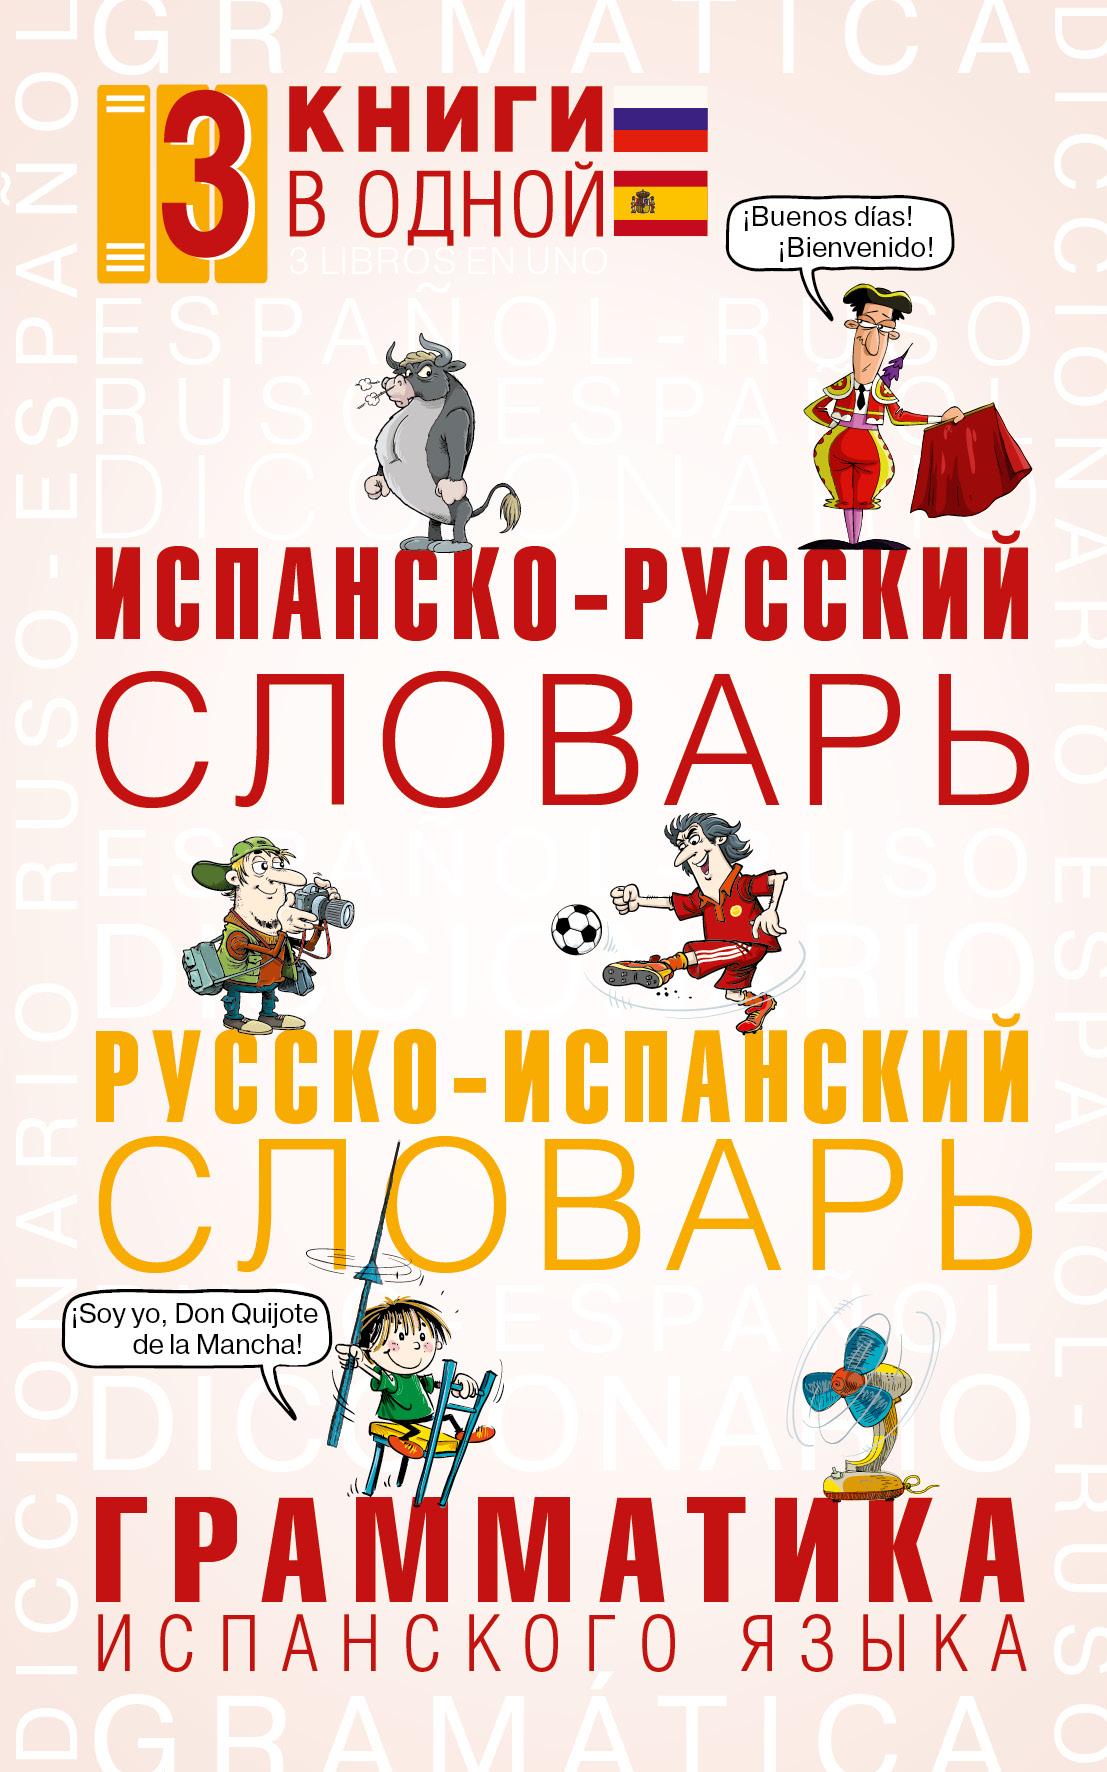 Испанско-русский словарь. Русско-испанский словарь. Грамматика испанского языка от book24.ru